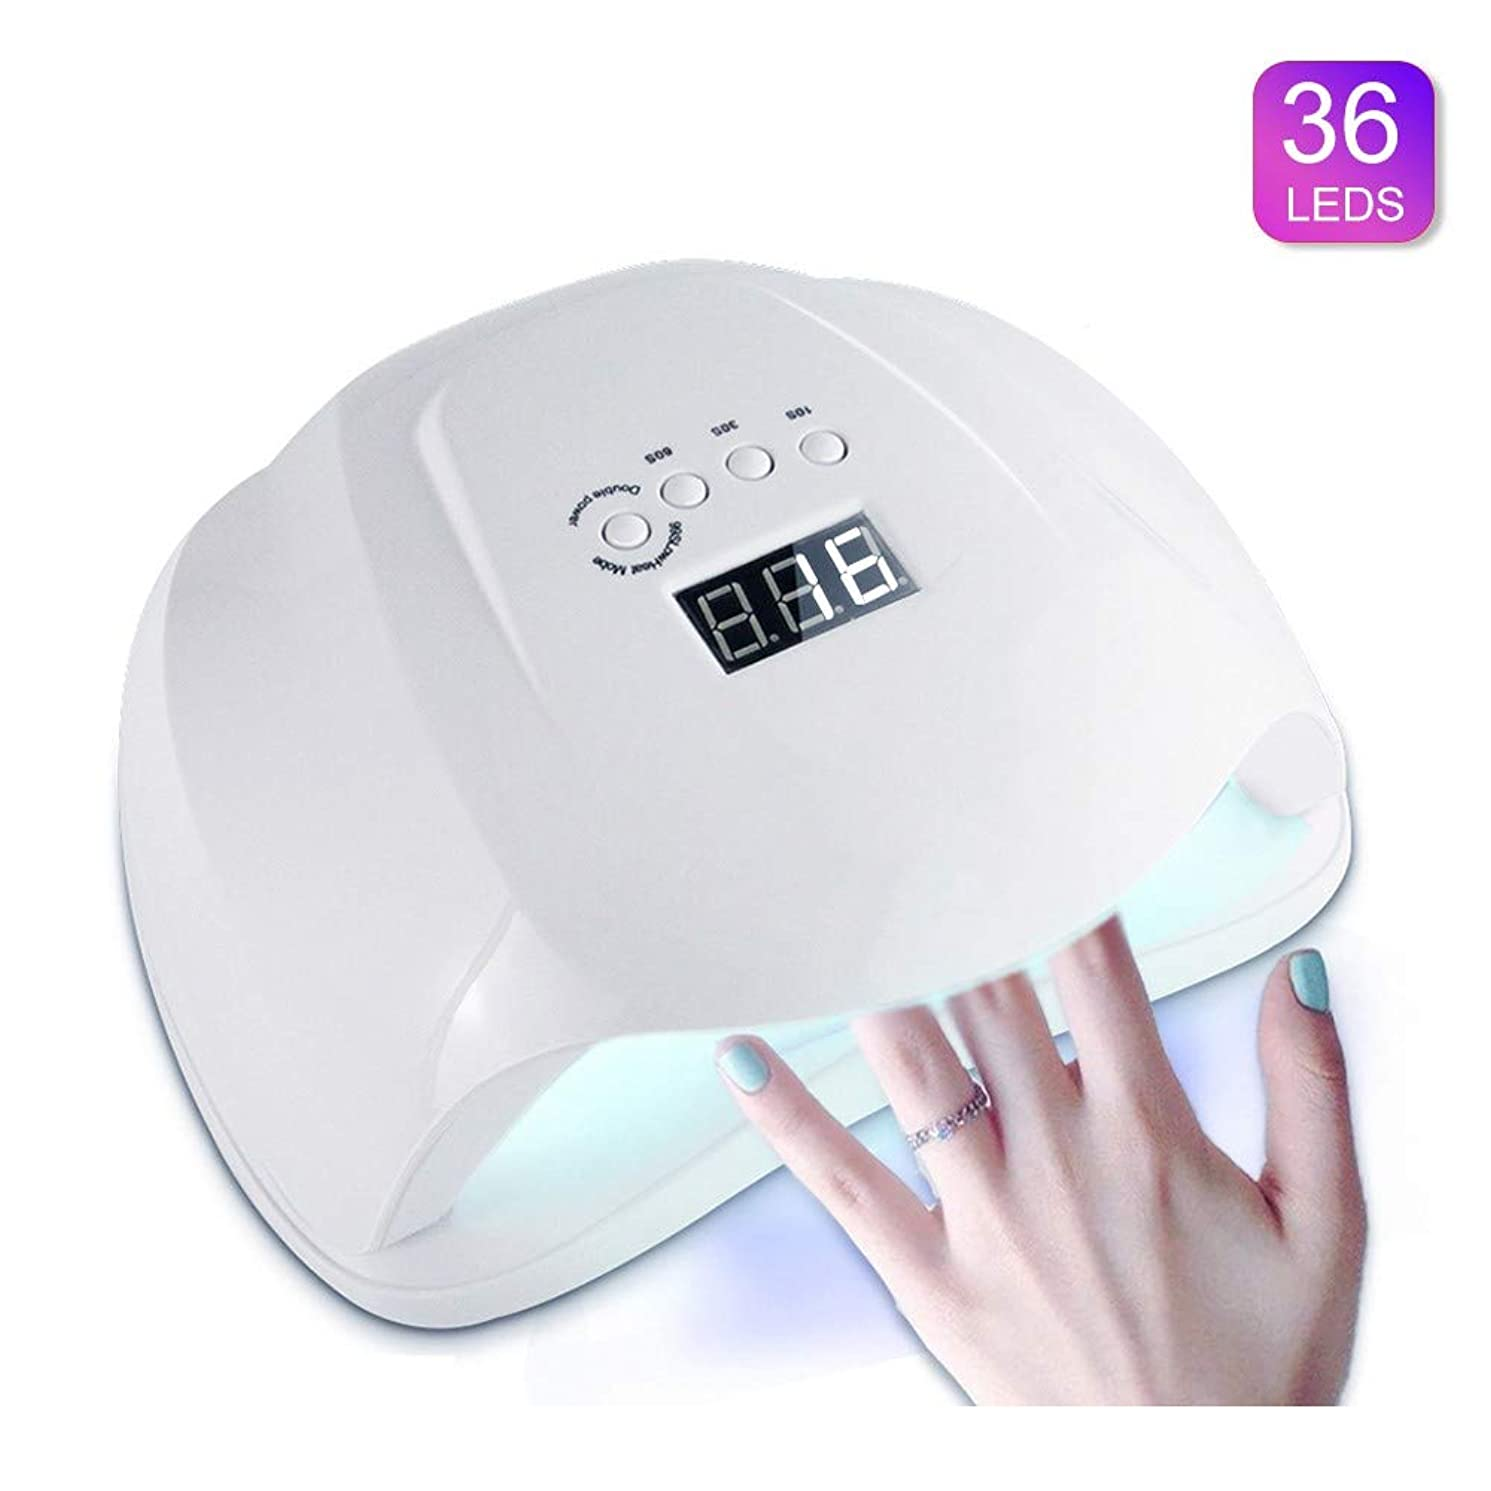 洗う家具再生54ワットネイルドライヤーランプled紫外線ネイルランプ液晶ディスプレイネイル硬化ランプライト付きセンサー4タイマー設定54ワットパワー用ledビルダージェルフィンガーネイルポリッシュLEDネイルドライヤー